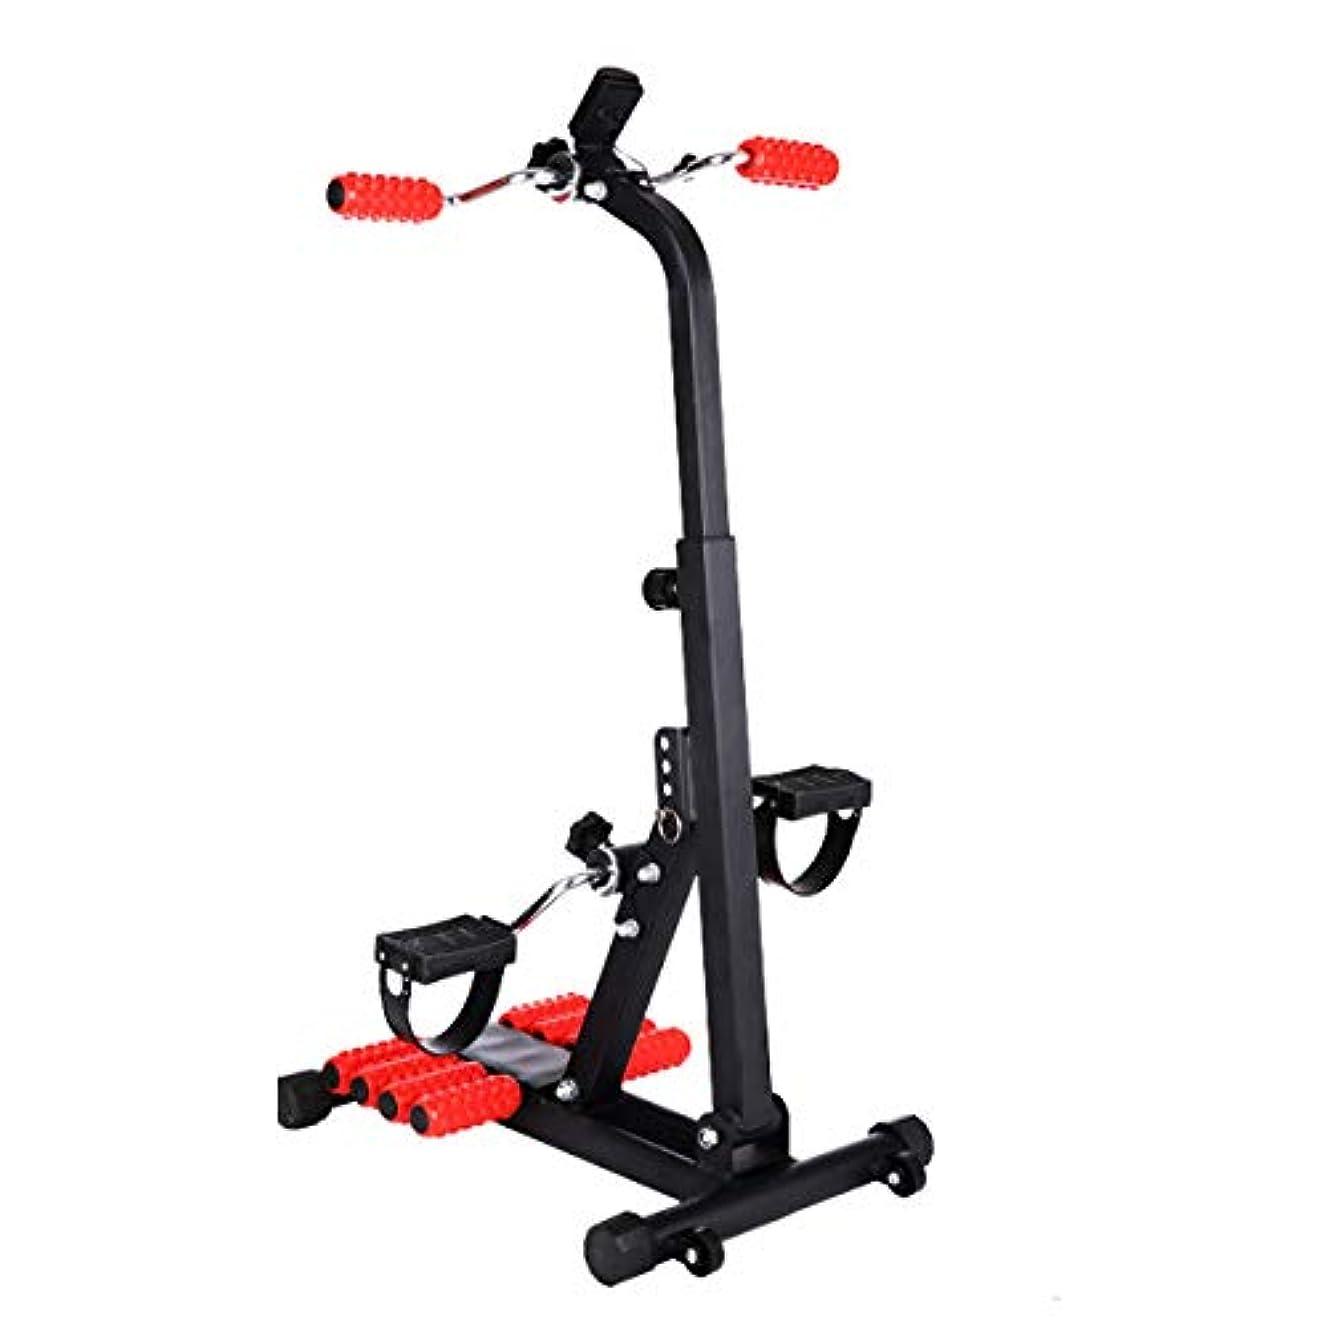 グレートバリアリーフ脱走同志メディカル全身エクササイザー、ペダルエクササイザー上肢および下肢のトレーニング機器、筋萎縮リハビリテーション訓練を防ぐ,A